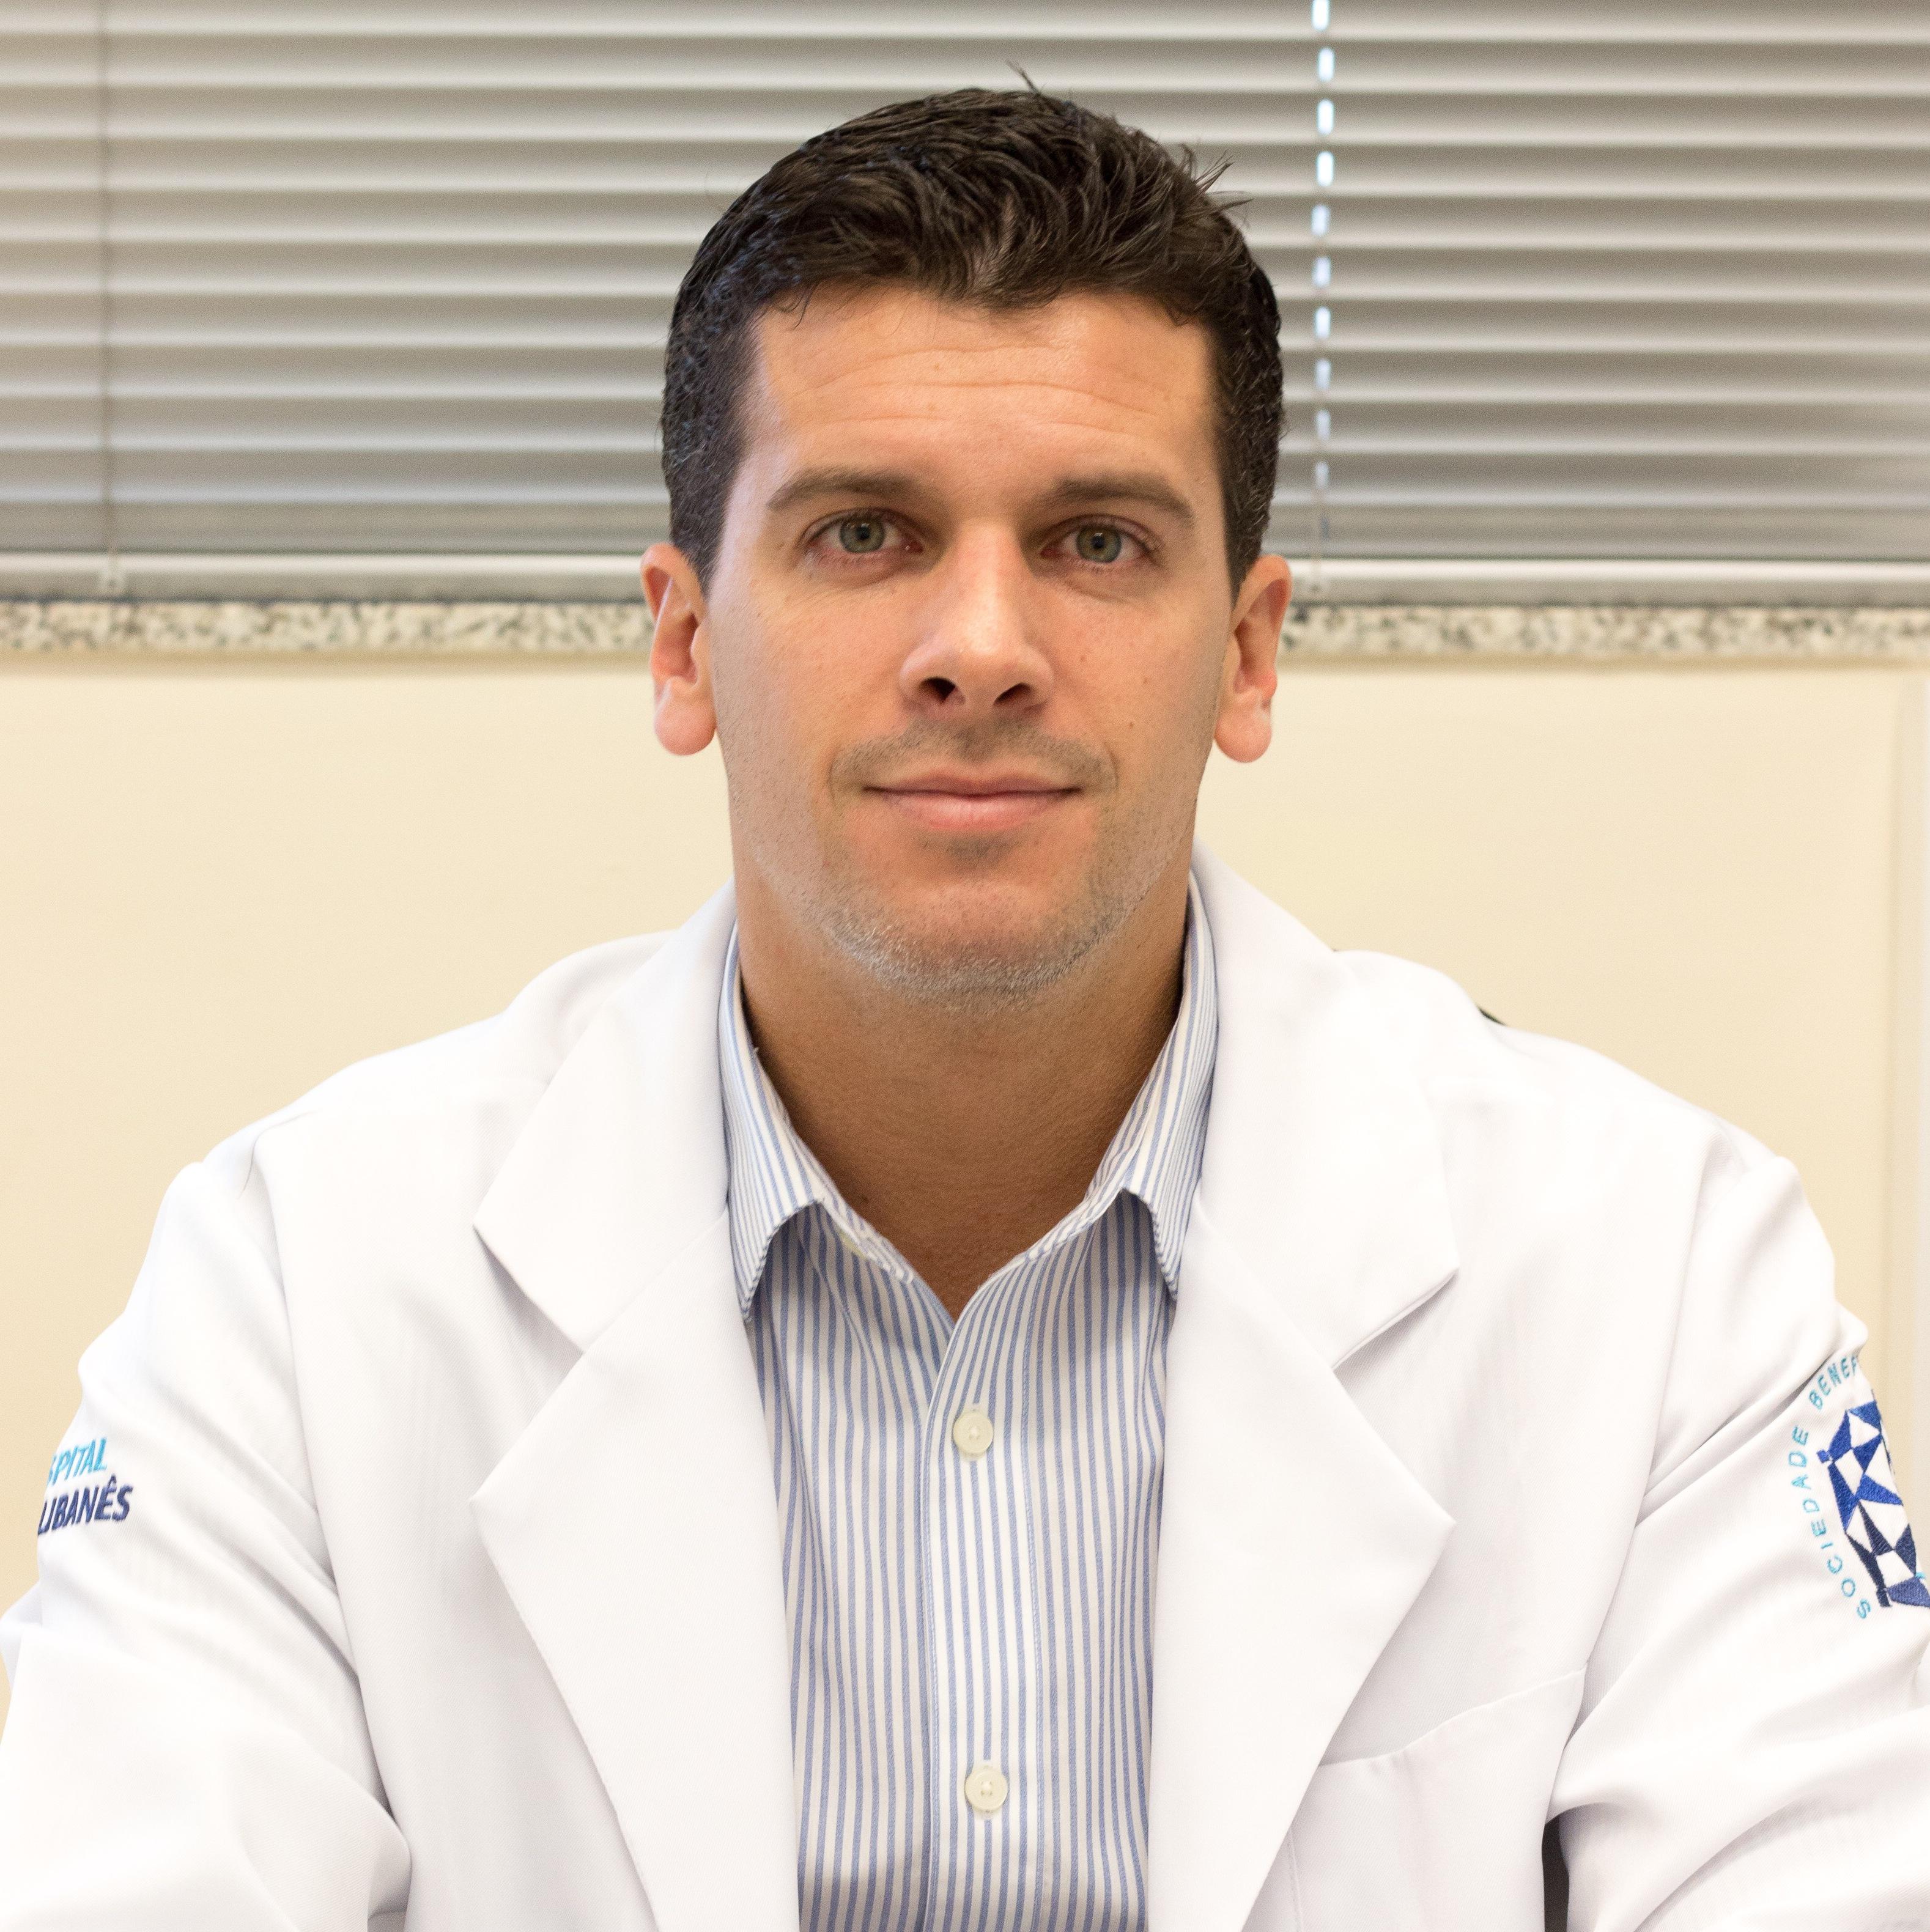 Felipe Galvão Alvares de Abreu